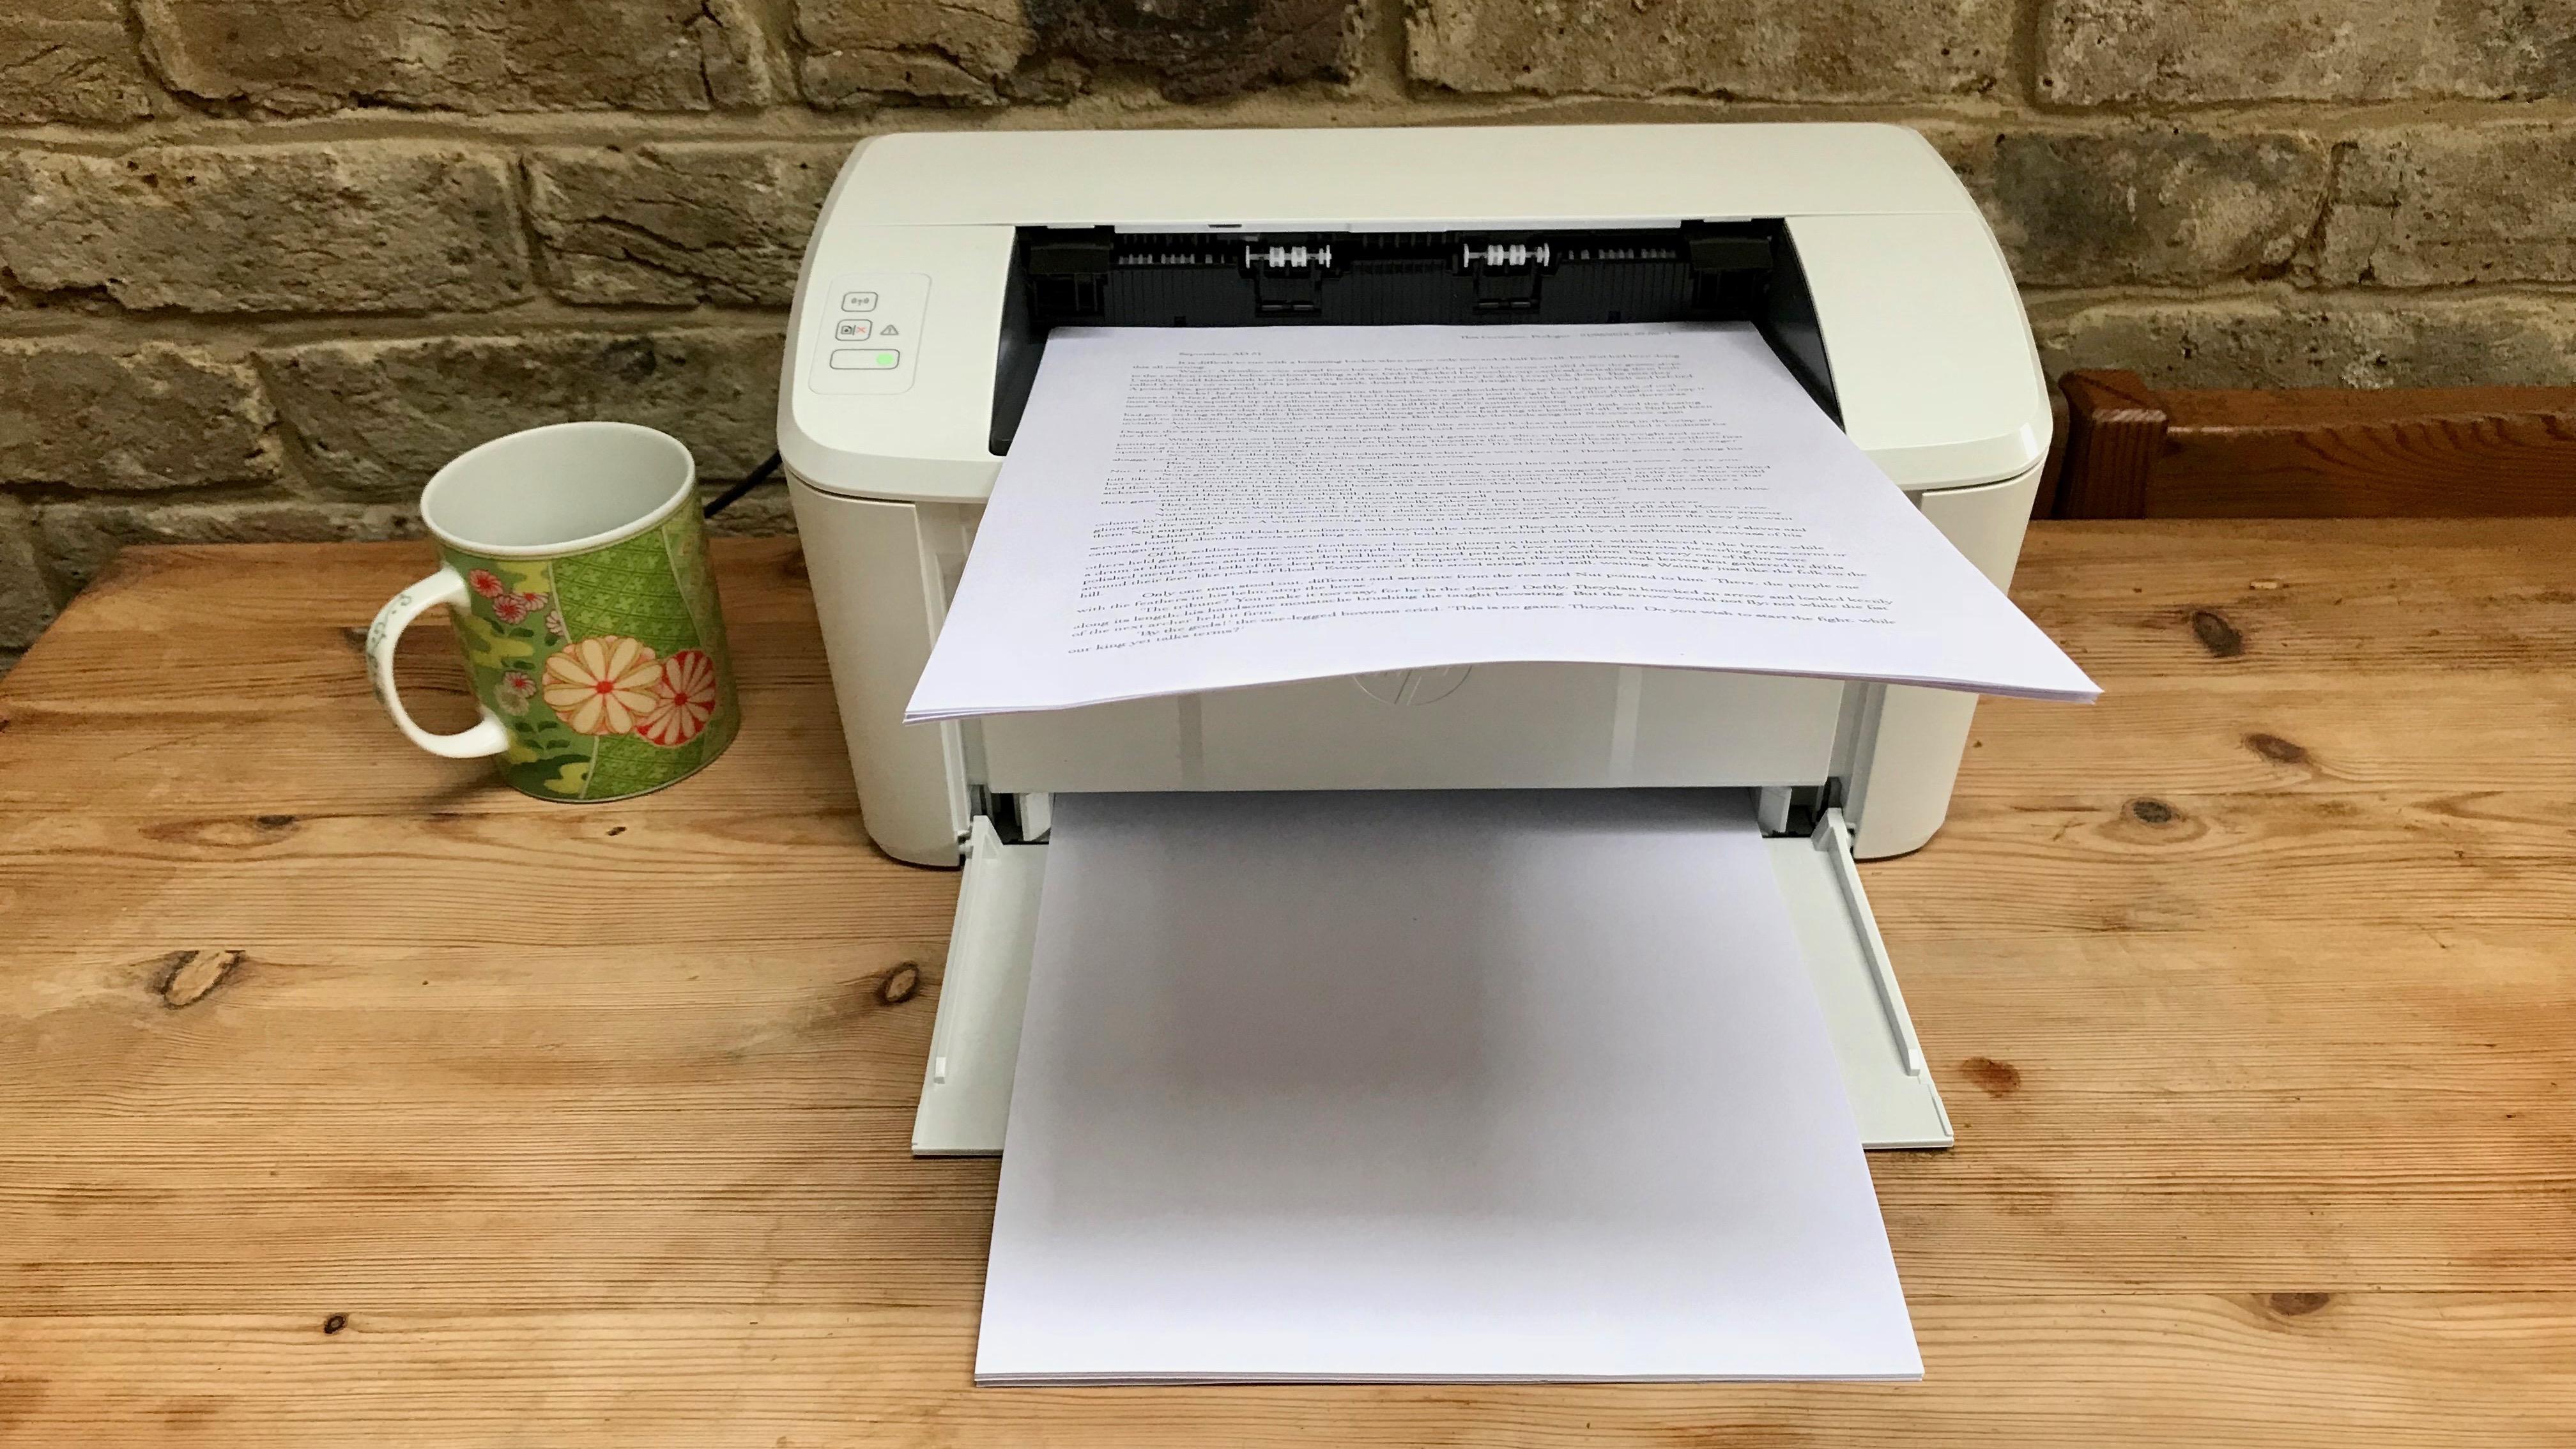 HP LaserJet Pro M15w  with paper